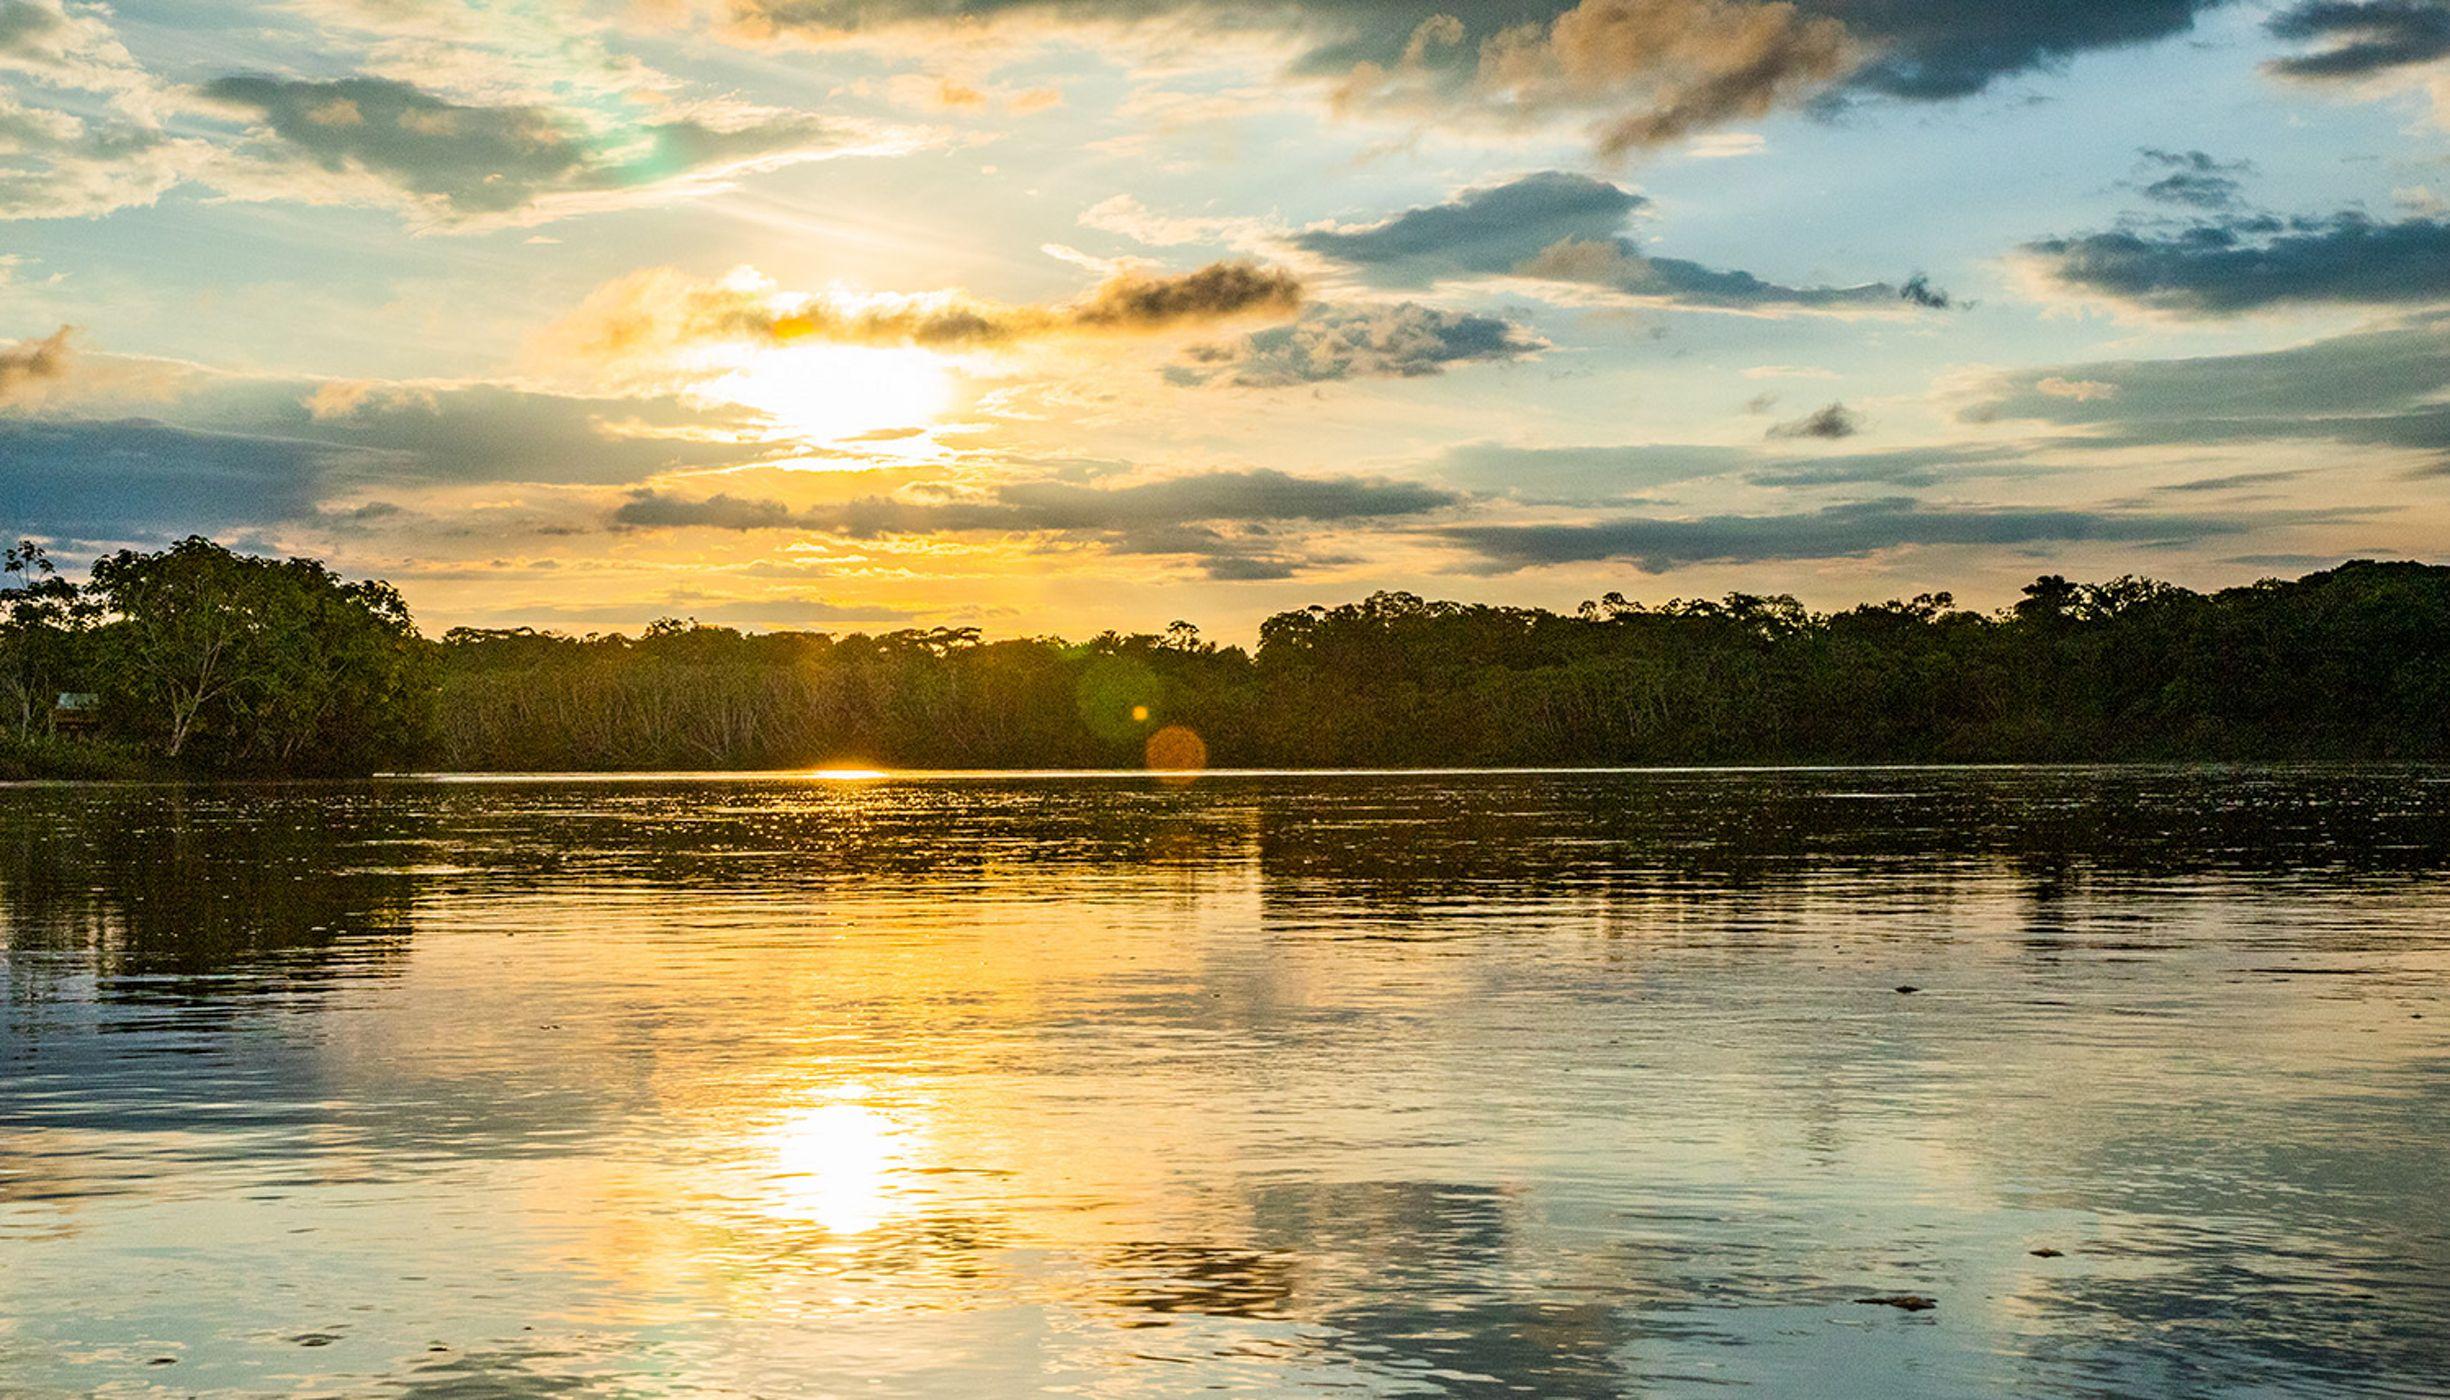 en la cuenca hidrográfica del Amazonas